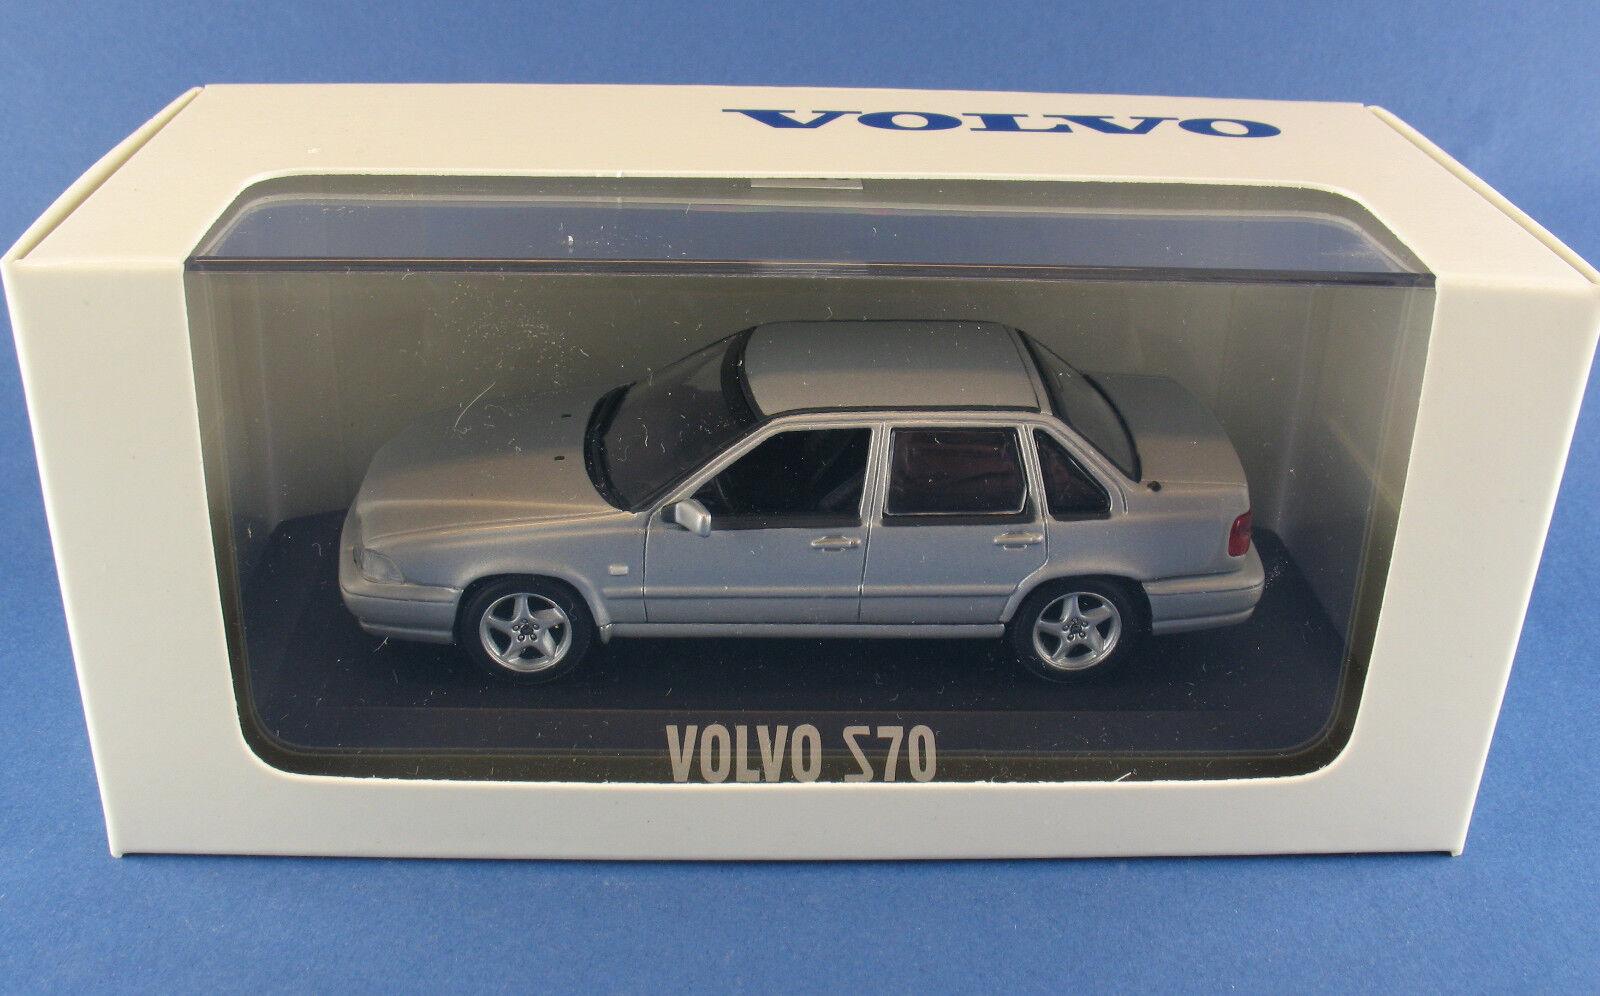 Minichamps-Volvo s70 s70 s70 Limousine-Argent-Silver 1:43 Dans NEUF dans sa boîte-voiture miniature | Fabrication Habile  ee8c59